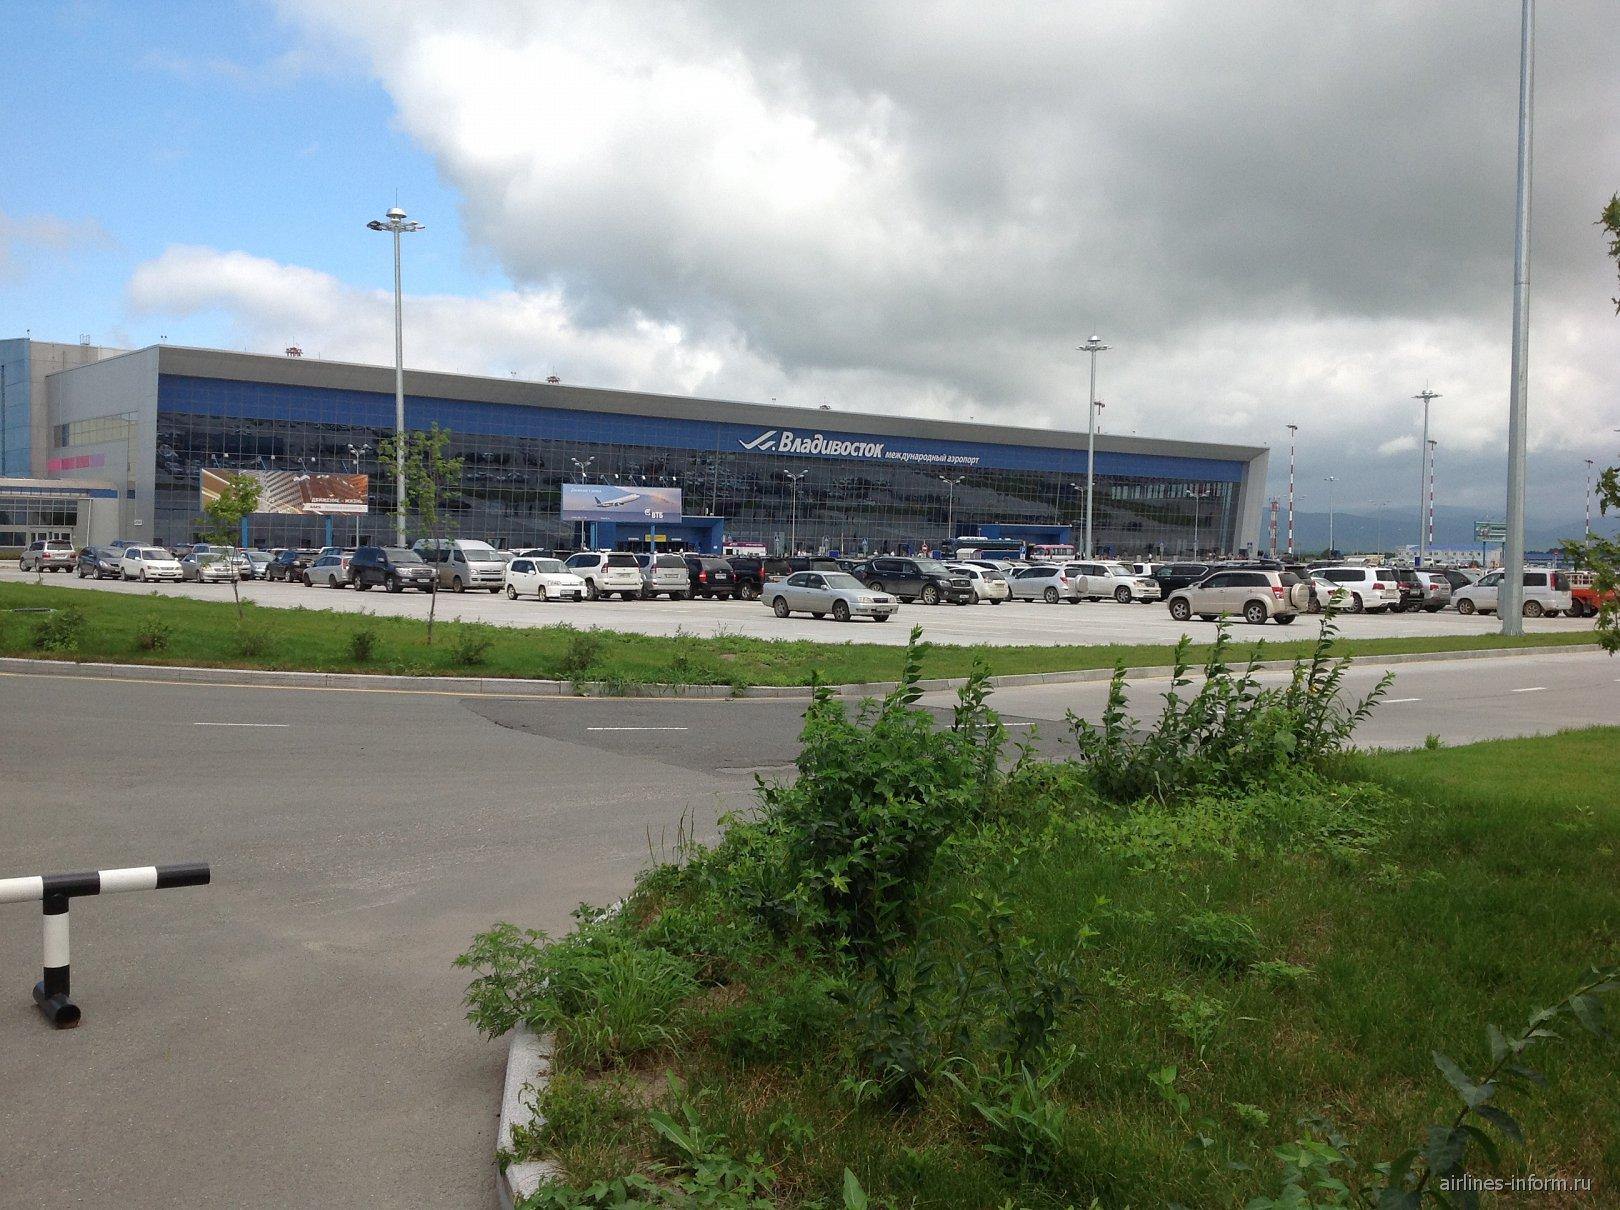 Аэровокзал аэропорта Владивосток Кневичи